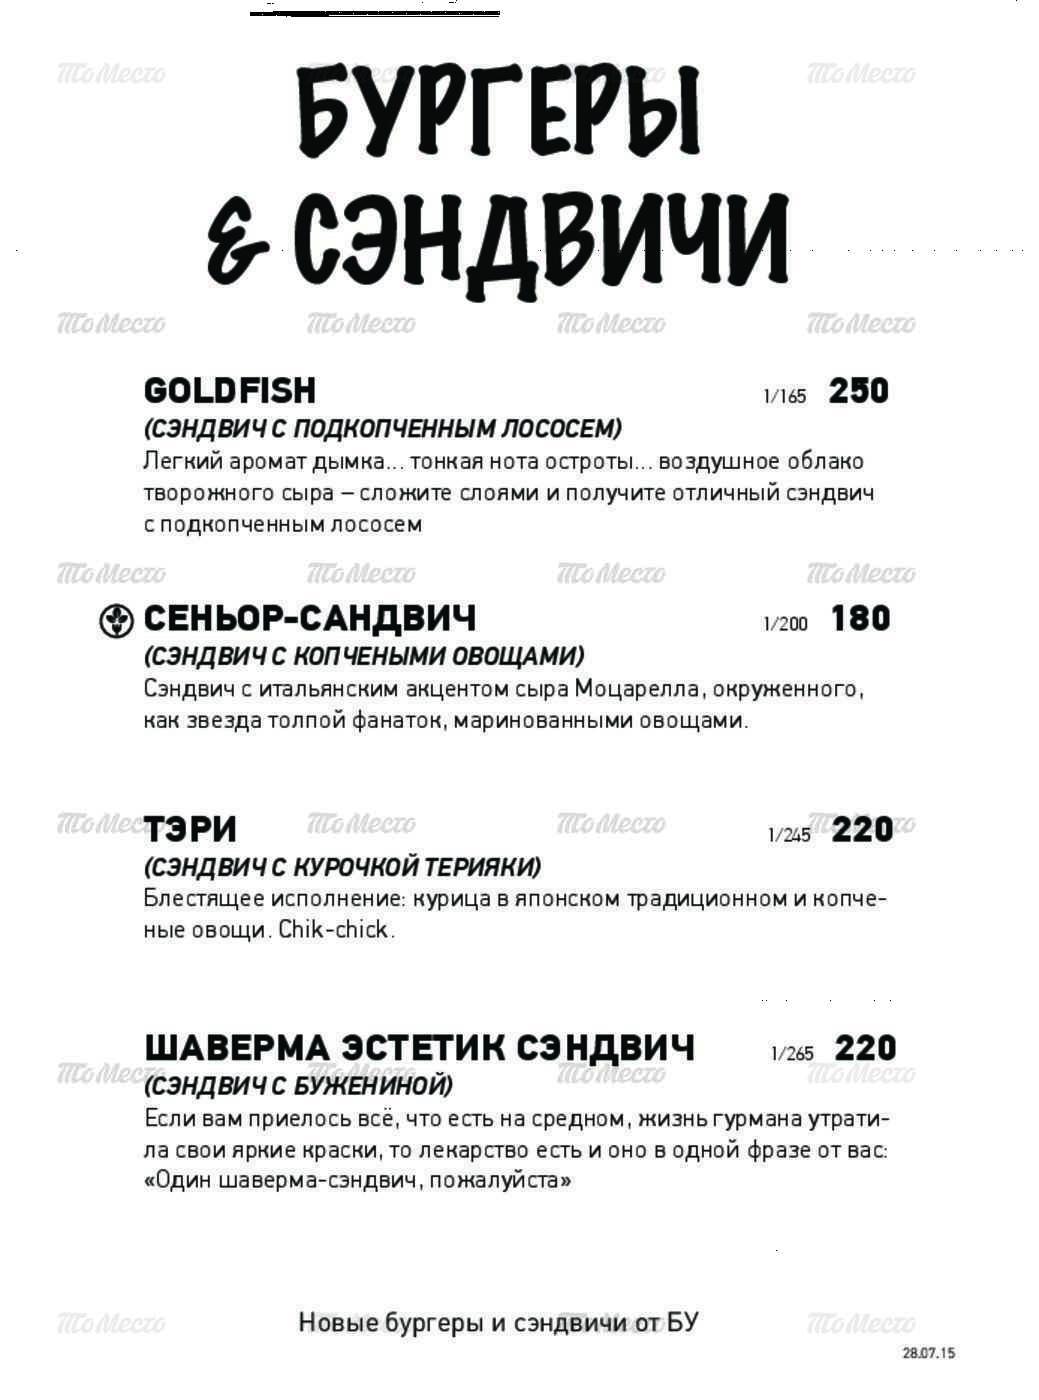 Меню кафе БУ на улице Звездинка